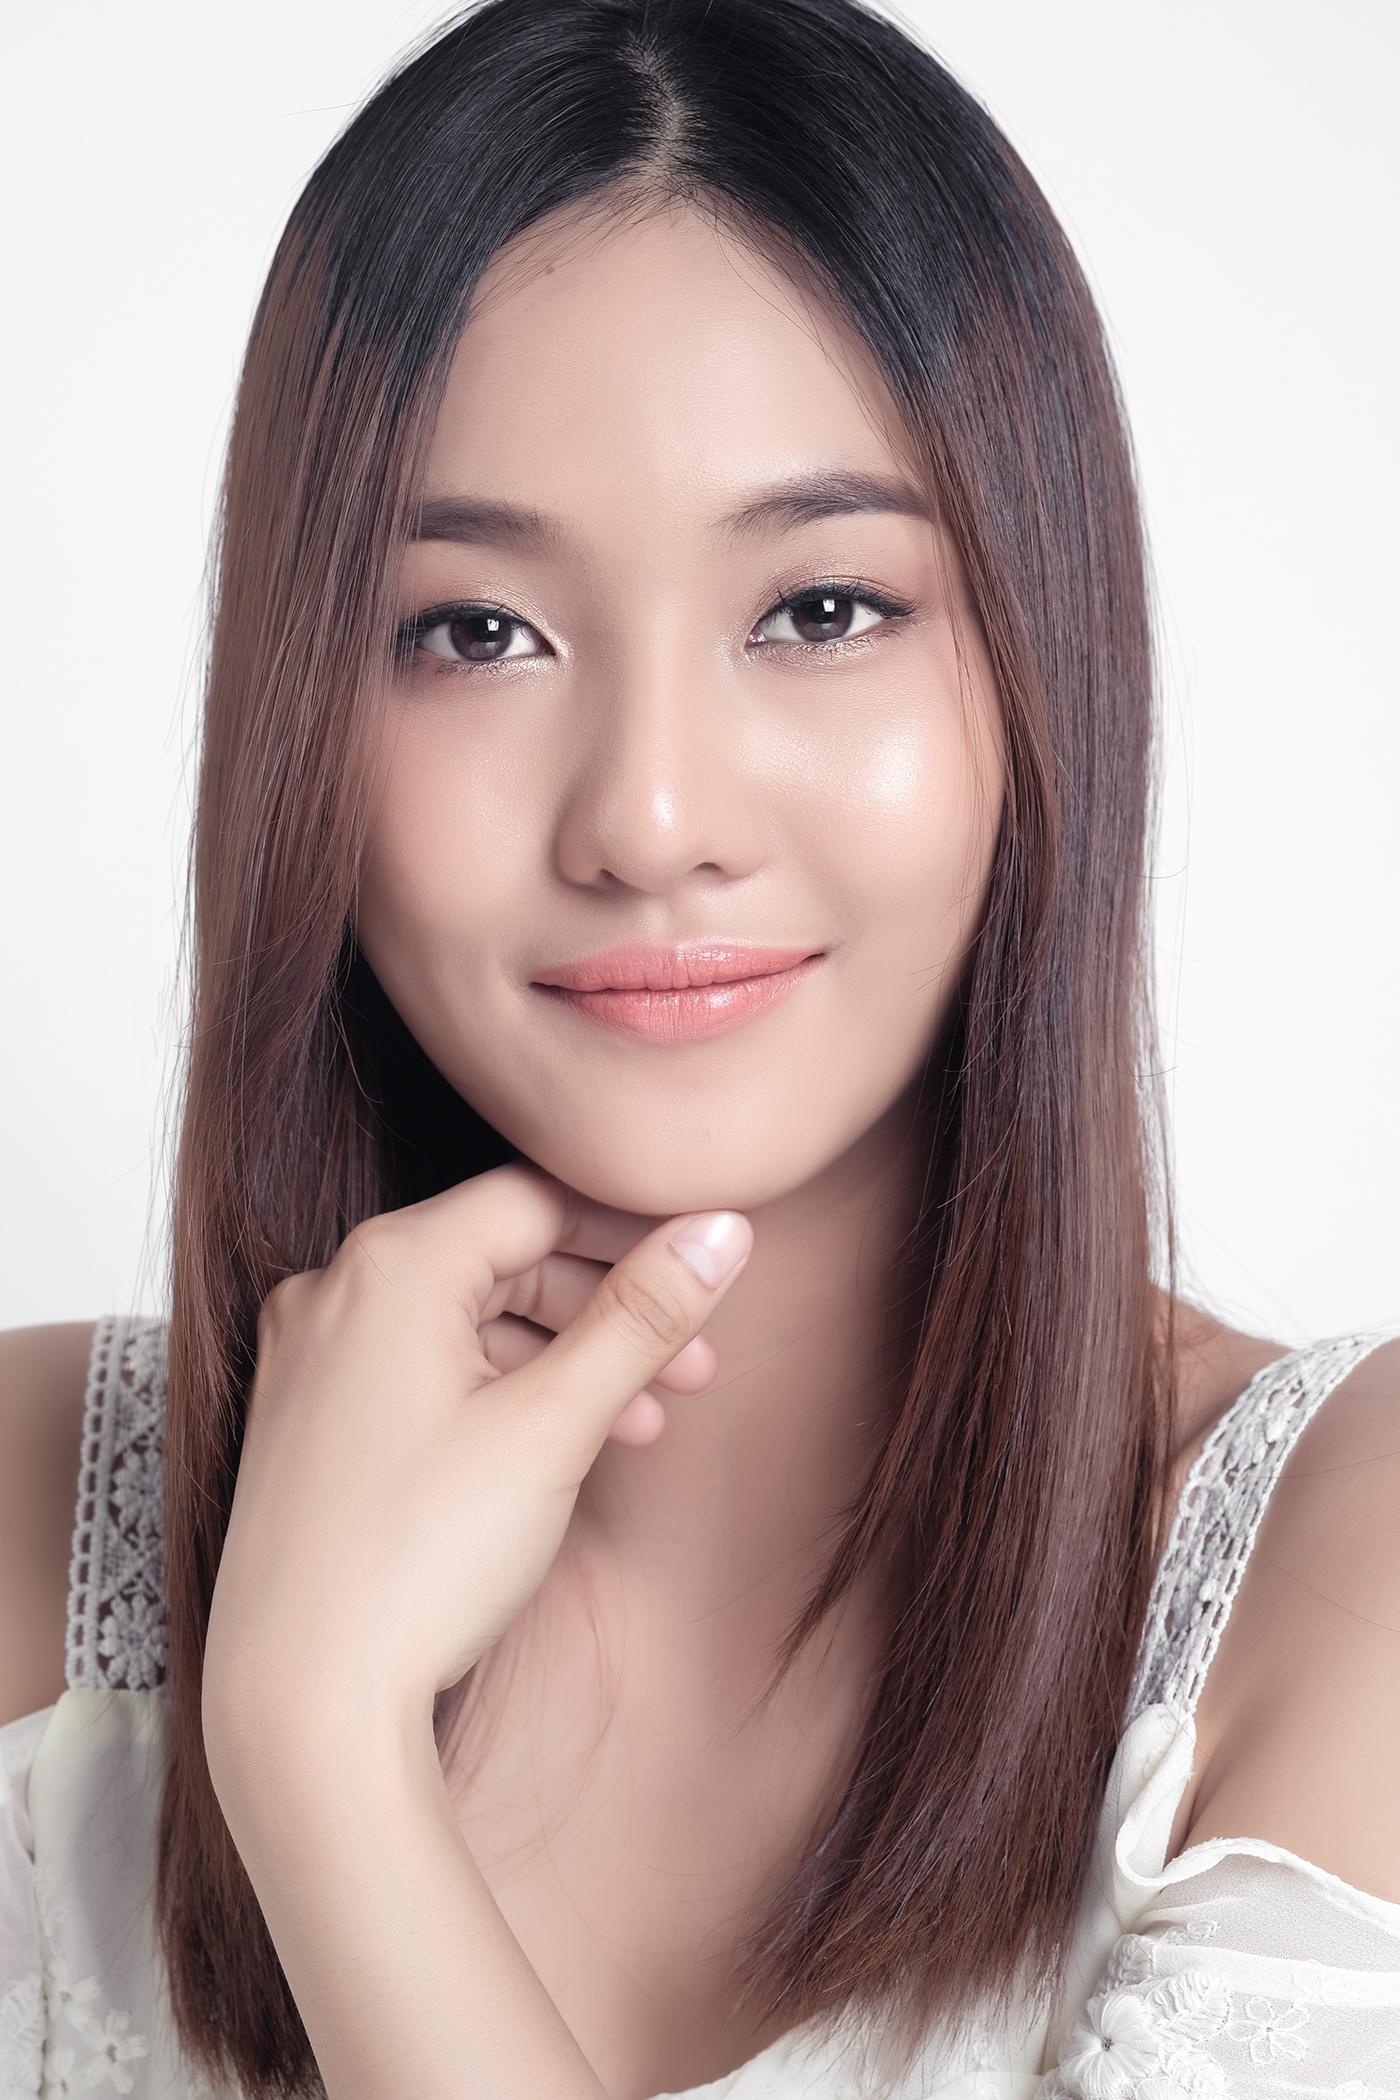 Asian natural beauty pics